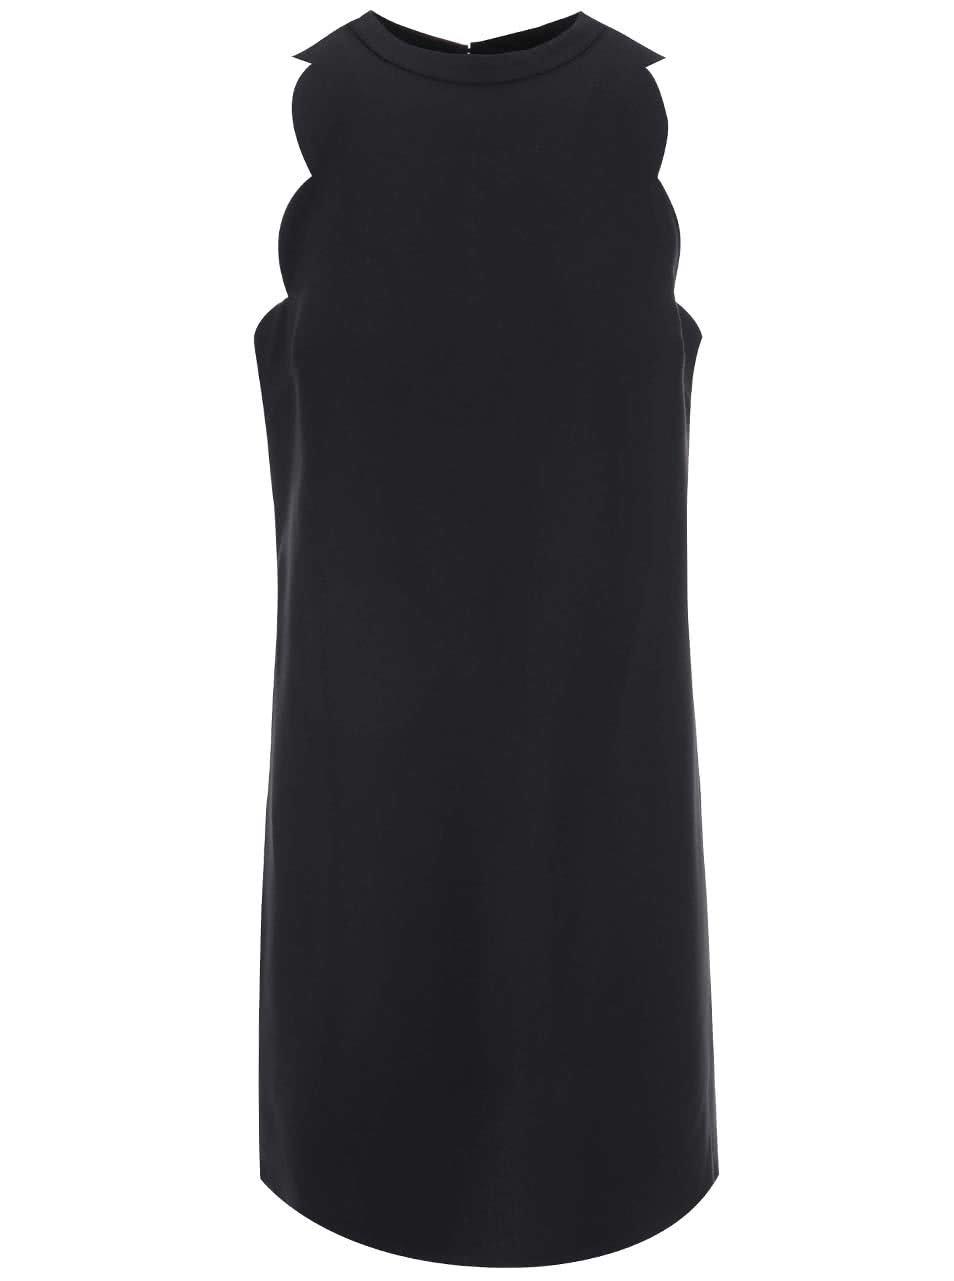 Černé šaty s vykrojenými rameny Dorothy Perkins ... 59604628a4